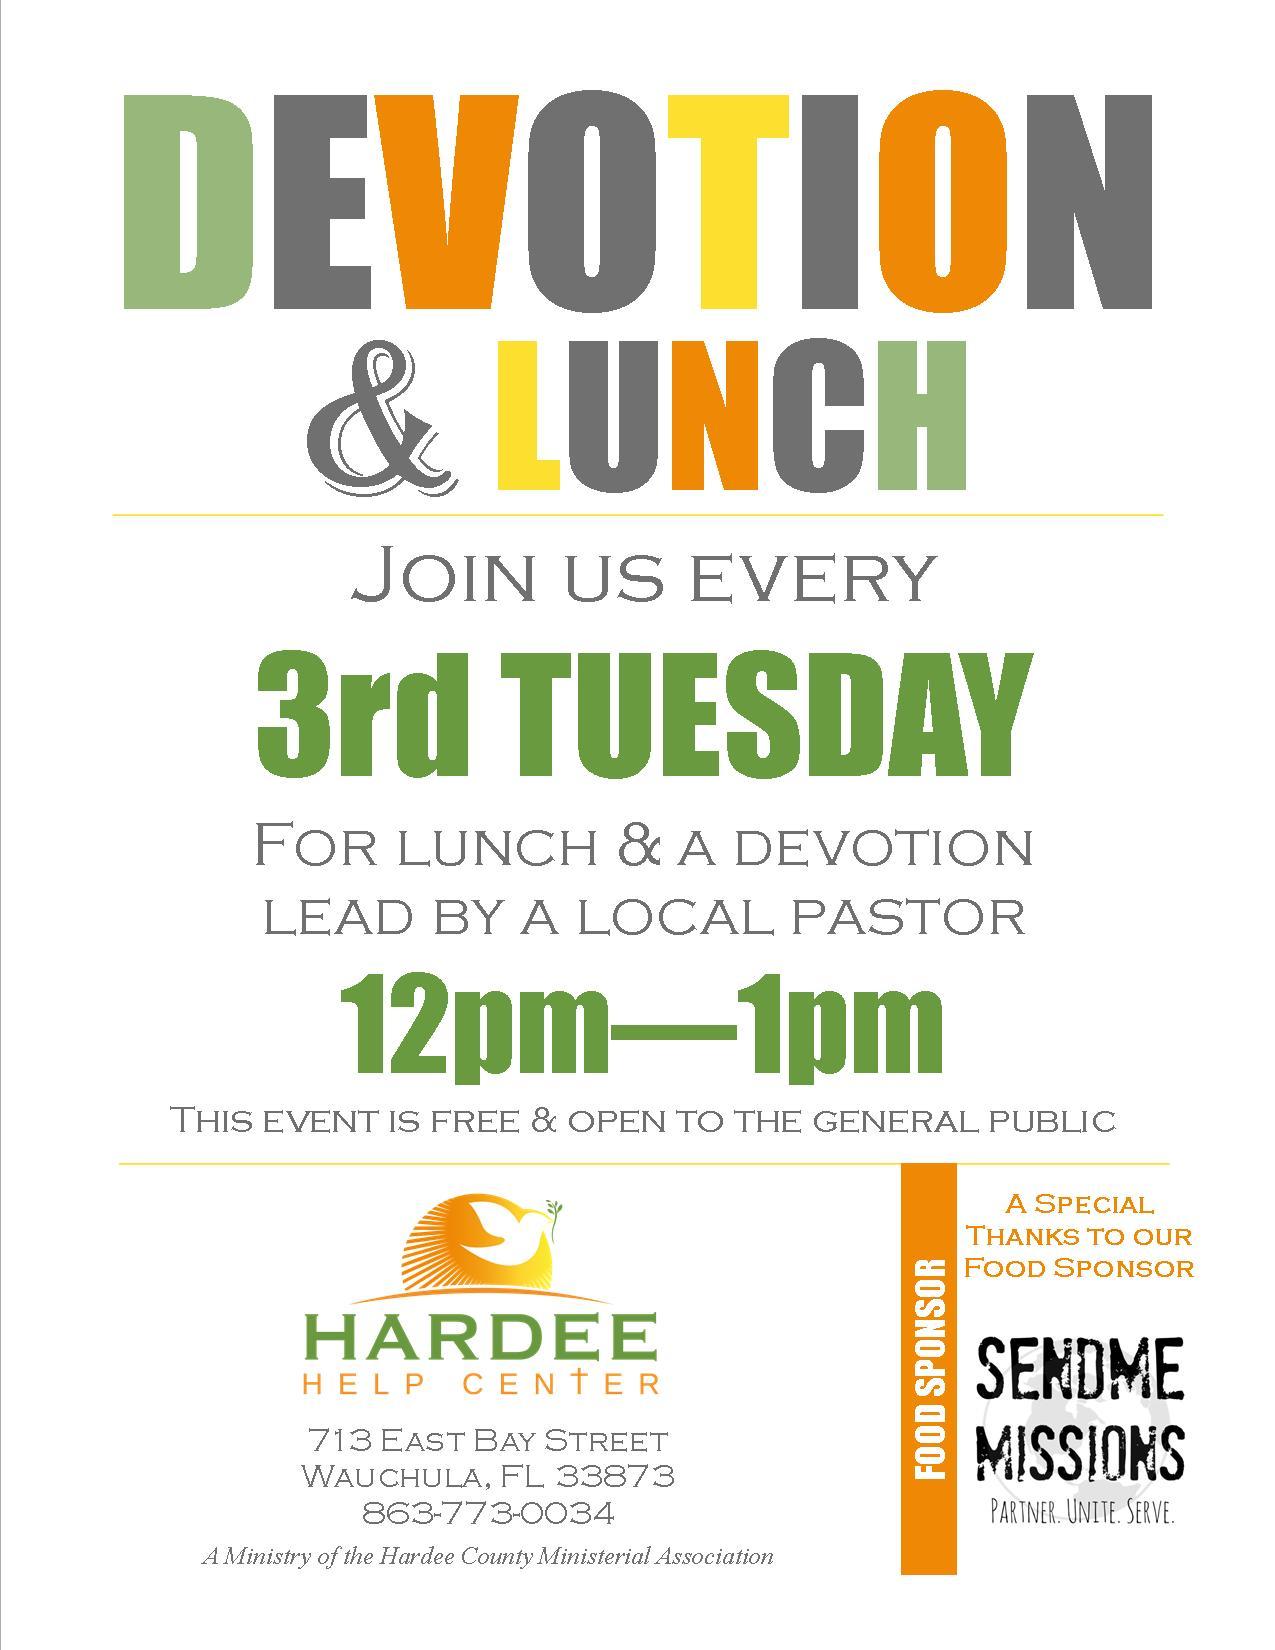 Devotion & Lunch